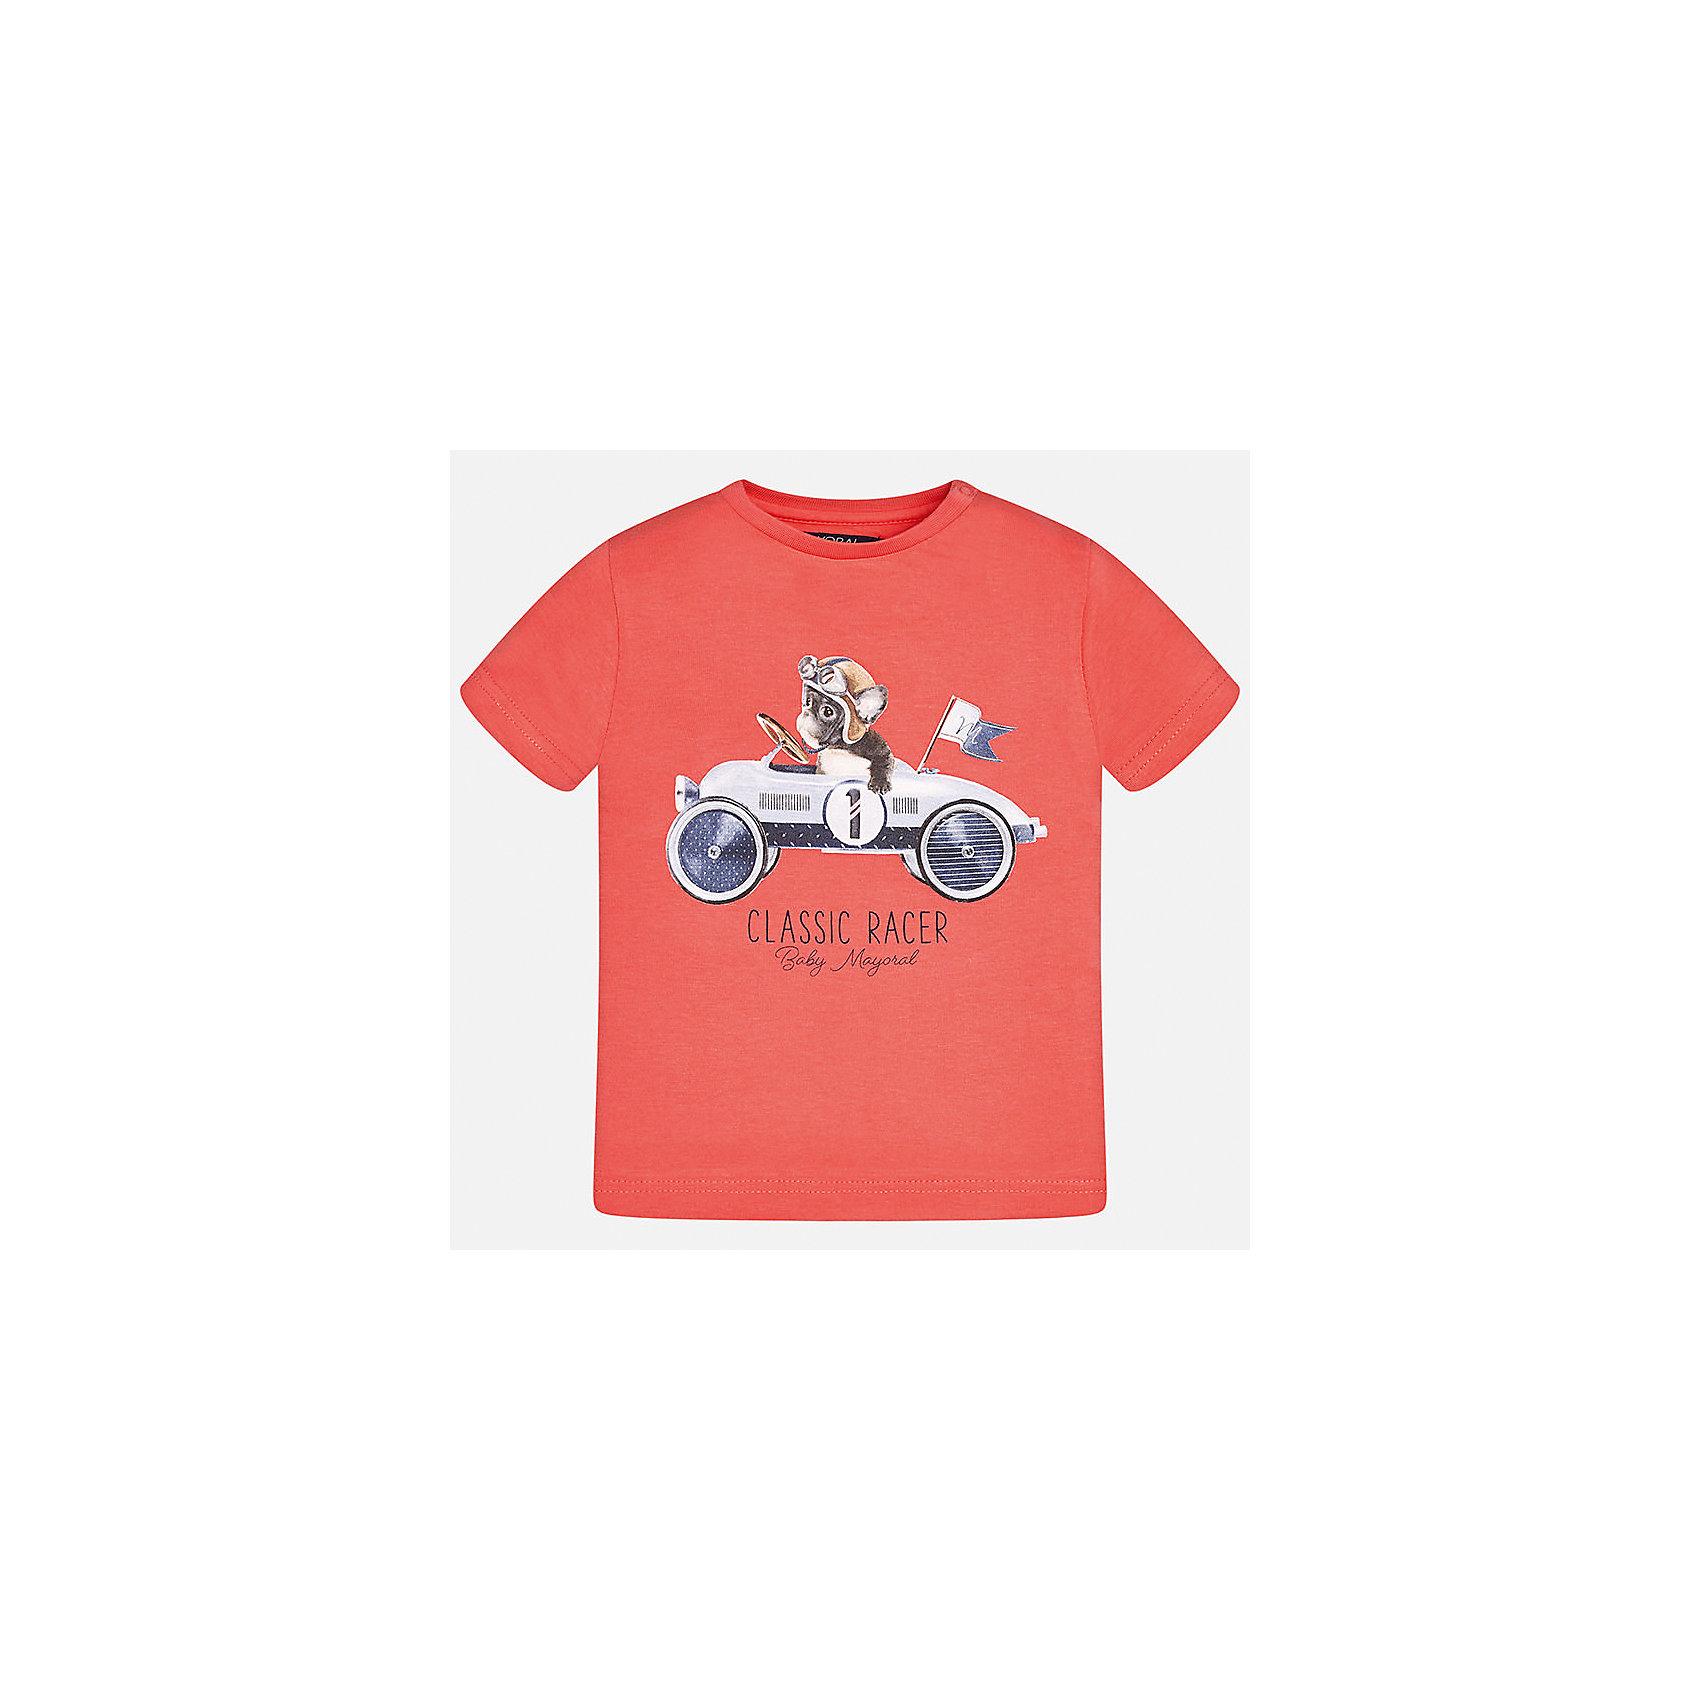 Футболка для мальчика MayoralФутболки, топы<br>Характеристики товара:<br><br>• цвет: красный<br>• состав: 100% хлопок<br>• круглый горловой вырез<br>• декорирована принтом<br>• короткие рукава<br>• мягкая отделка горловины<br>• страна бренда: Испания<br><br>Стильная удобная футболка с принтом поможет разнообразить гардероб мальчика. Она отлично сочетается с брюками, шортами, джинсами. Универсальный крой и цвет позволяет подобрать к вещи низ разных расцветок. Практичное и стильное изделие! Хорошо смотрится и комфортно сидит на детях. В составе материала - натуральный хлопок, гипоаллергенный, приятный на ощупь, дышащий. <br><br>Одежда, обувь и аксессуары от испанского бренда Mayoral полюбились детям и взрослым по всему миру. Модели этой марки - стильные и удобные. Для их производства используются только безопасные, качественные материалы и фурнитура. Порадуйте ребенка модными и красивыми вещами от Mayoral! <br><br>Футболку для мальчика от испанского бренда Mayoral (Майорал) можно купить в нашем интернет-магазине.<br><br>Ширина мм: 199<br>Глубина мм: 10<br>Высота мм: 161<br>Вес г: 151<br>Цвет: розовый<br>Возраст от месяцев: 12<br>Возраст до месяцев: 15<br>Пол: Мужской<br>Возраст: Детский<br>Размер: 80,74,92,86<br>SKU: 5278392